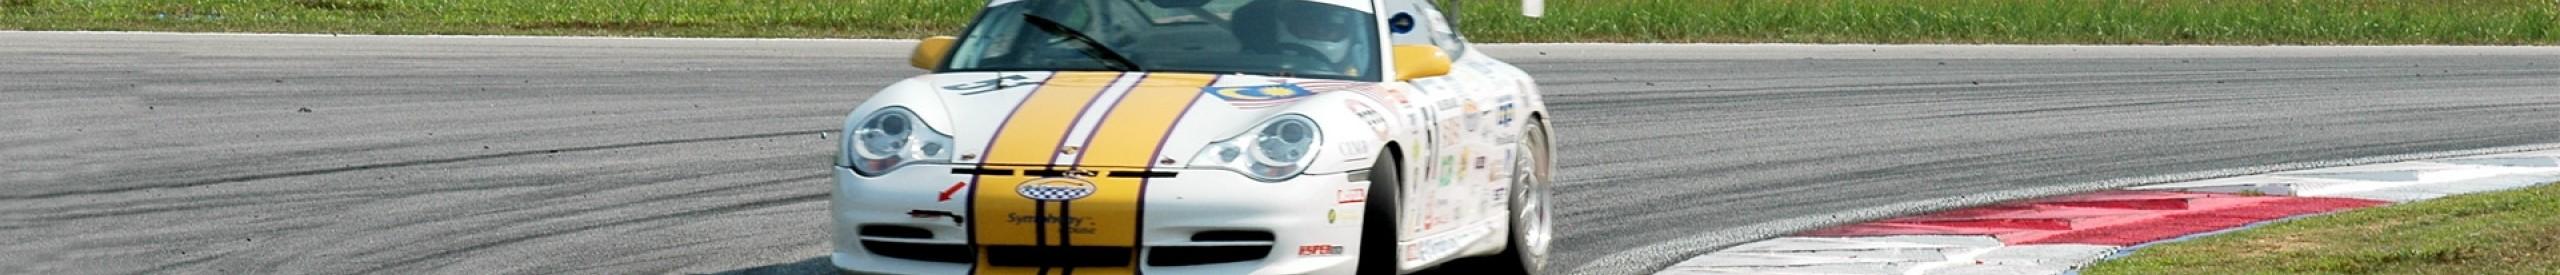 Rennwagen fahren auf Rennstrecke